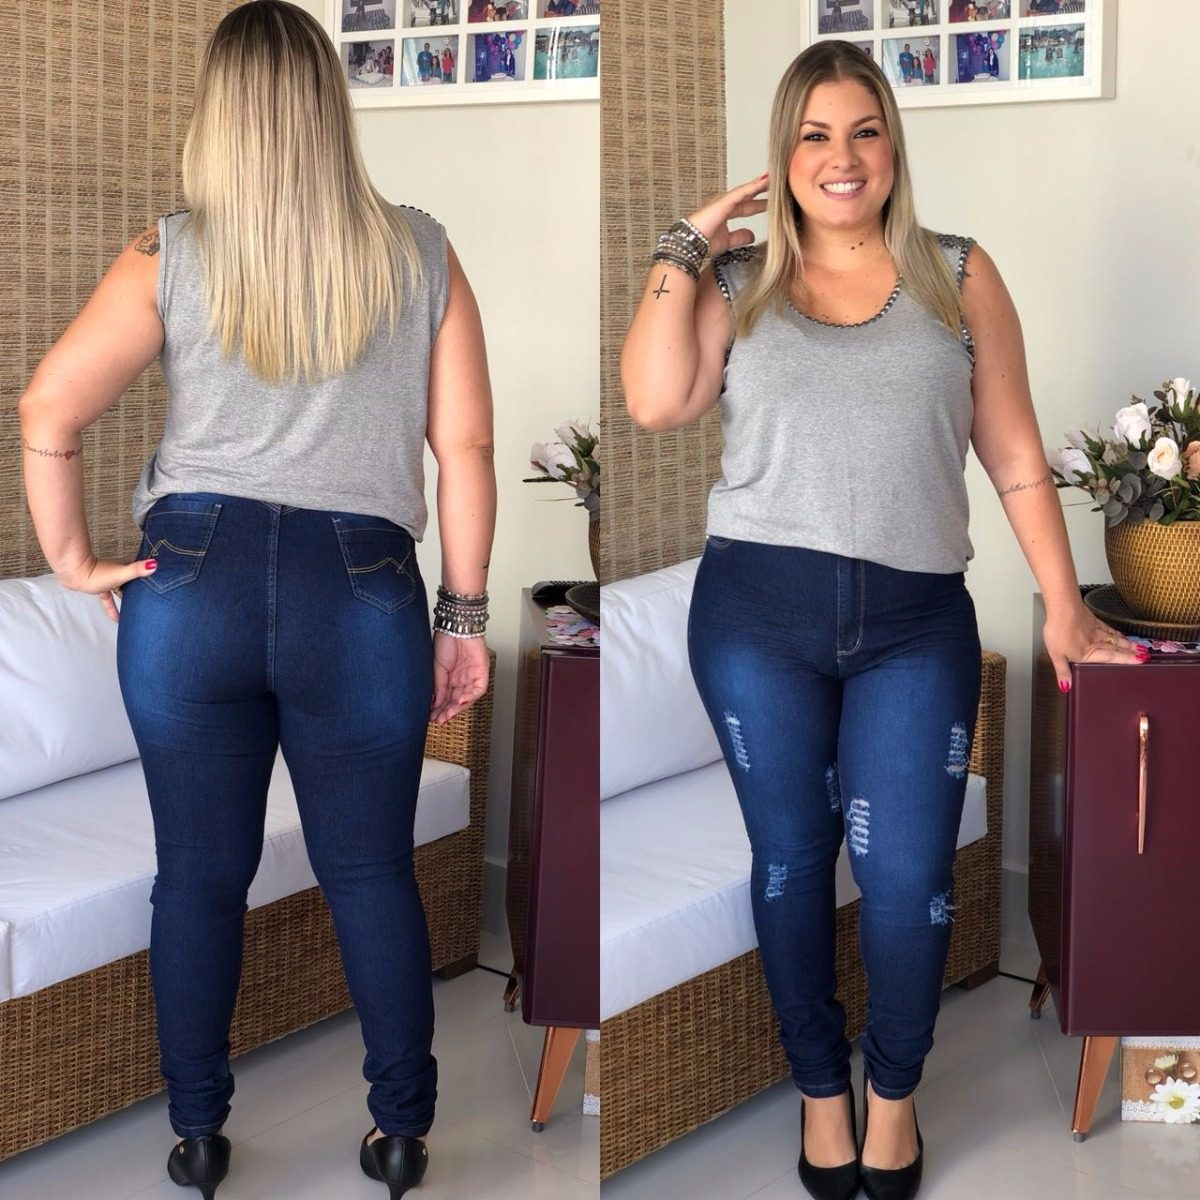 56ae48b3a calça jeans rasgada cintura alta plus size roupas femininas. Carregando zoom .